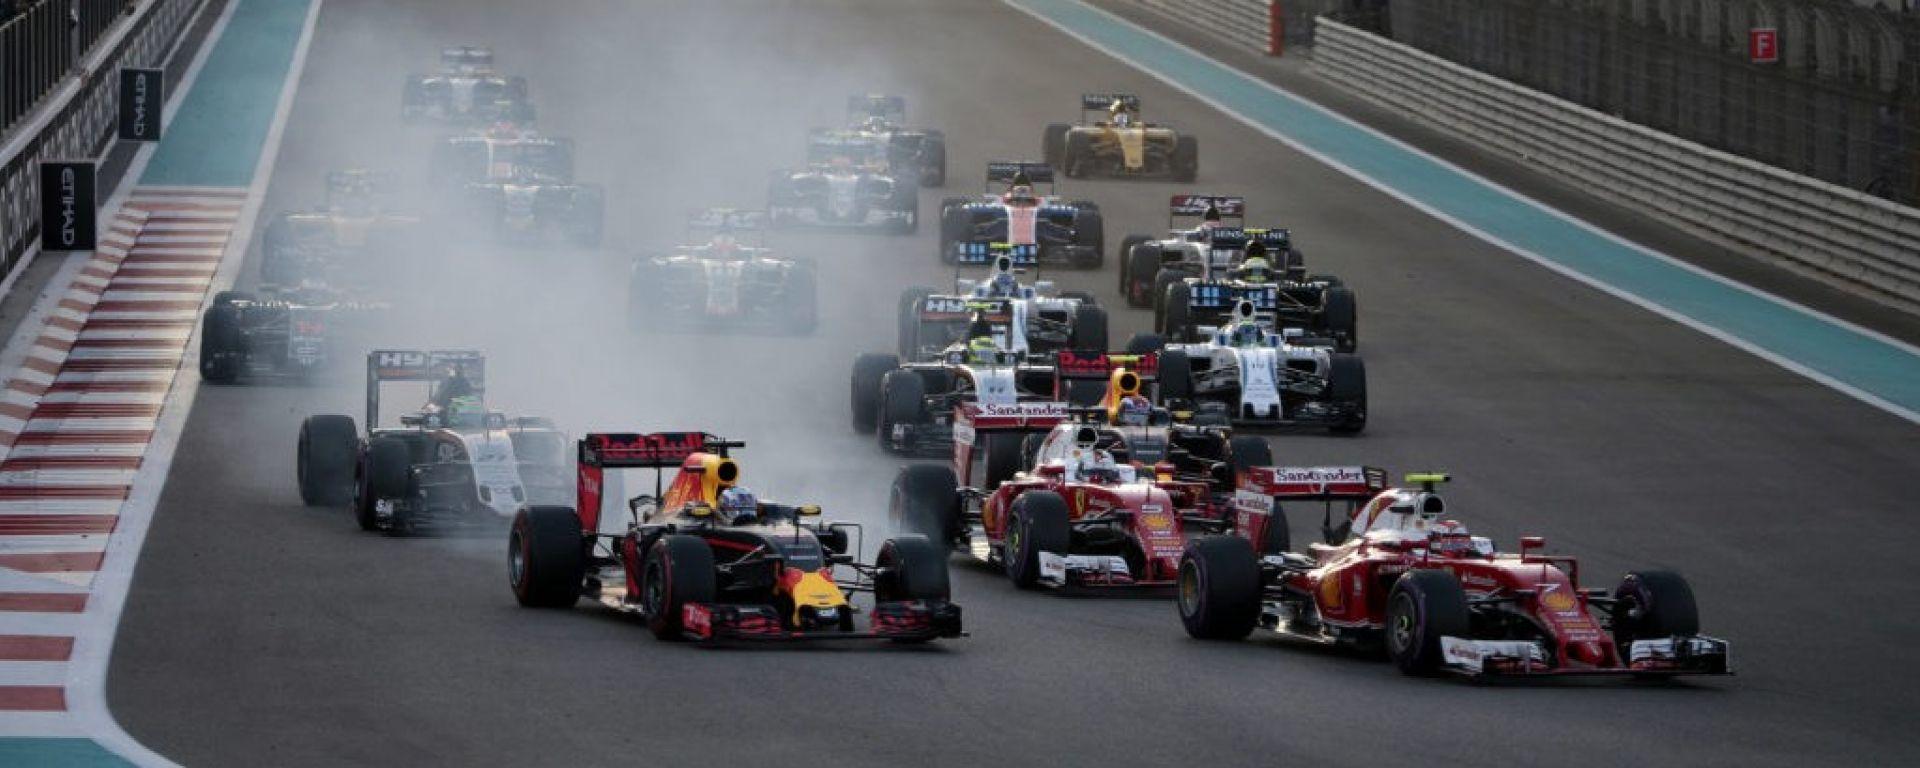 F1 2016, la partenza del GP di Abu Dhabi